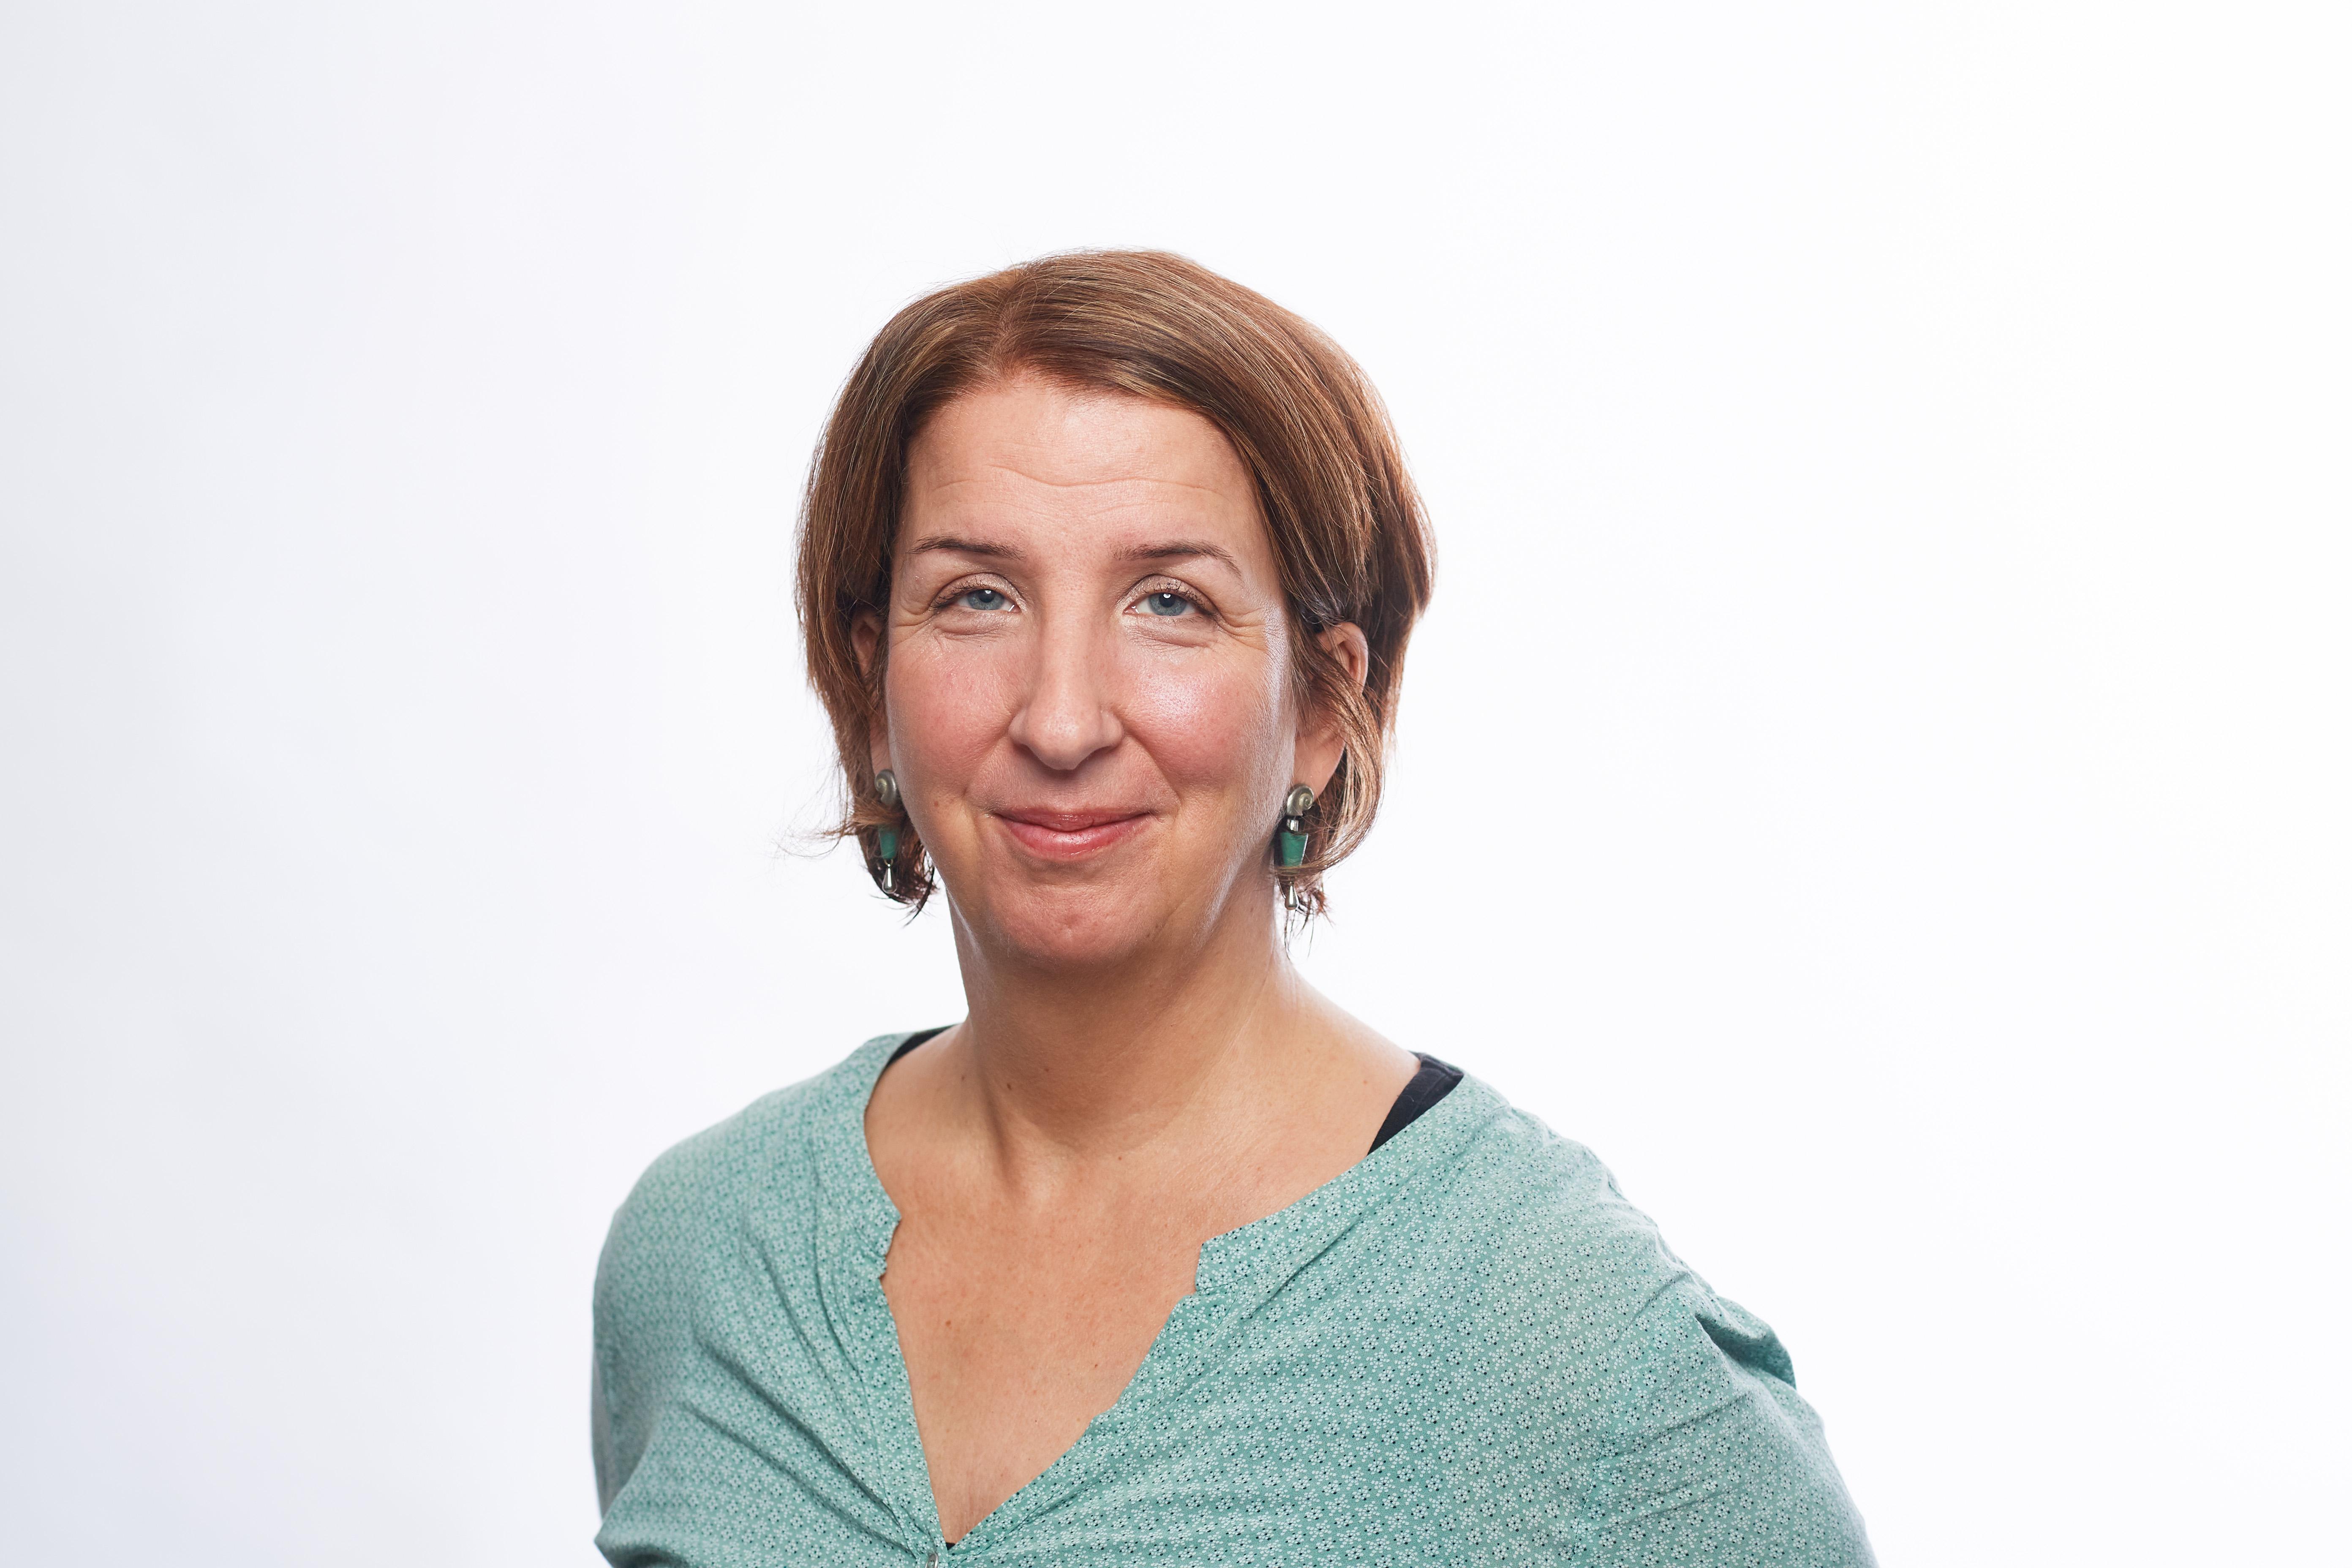 Gabi Deppe